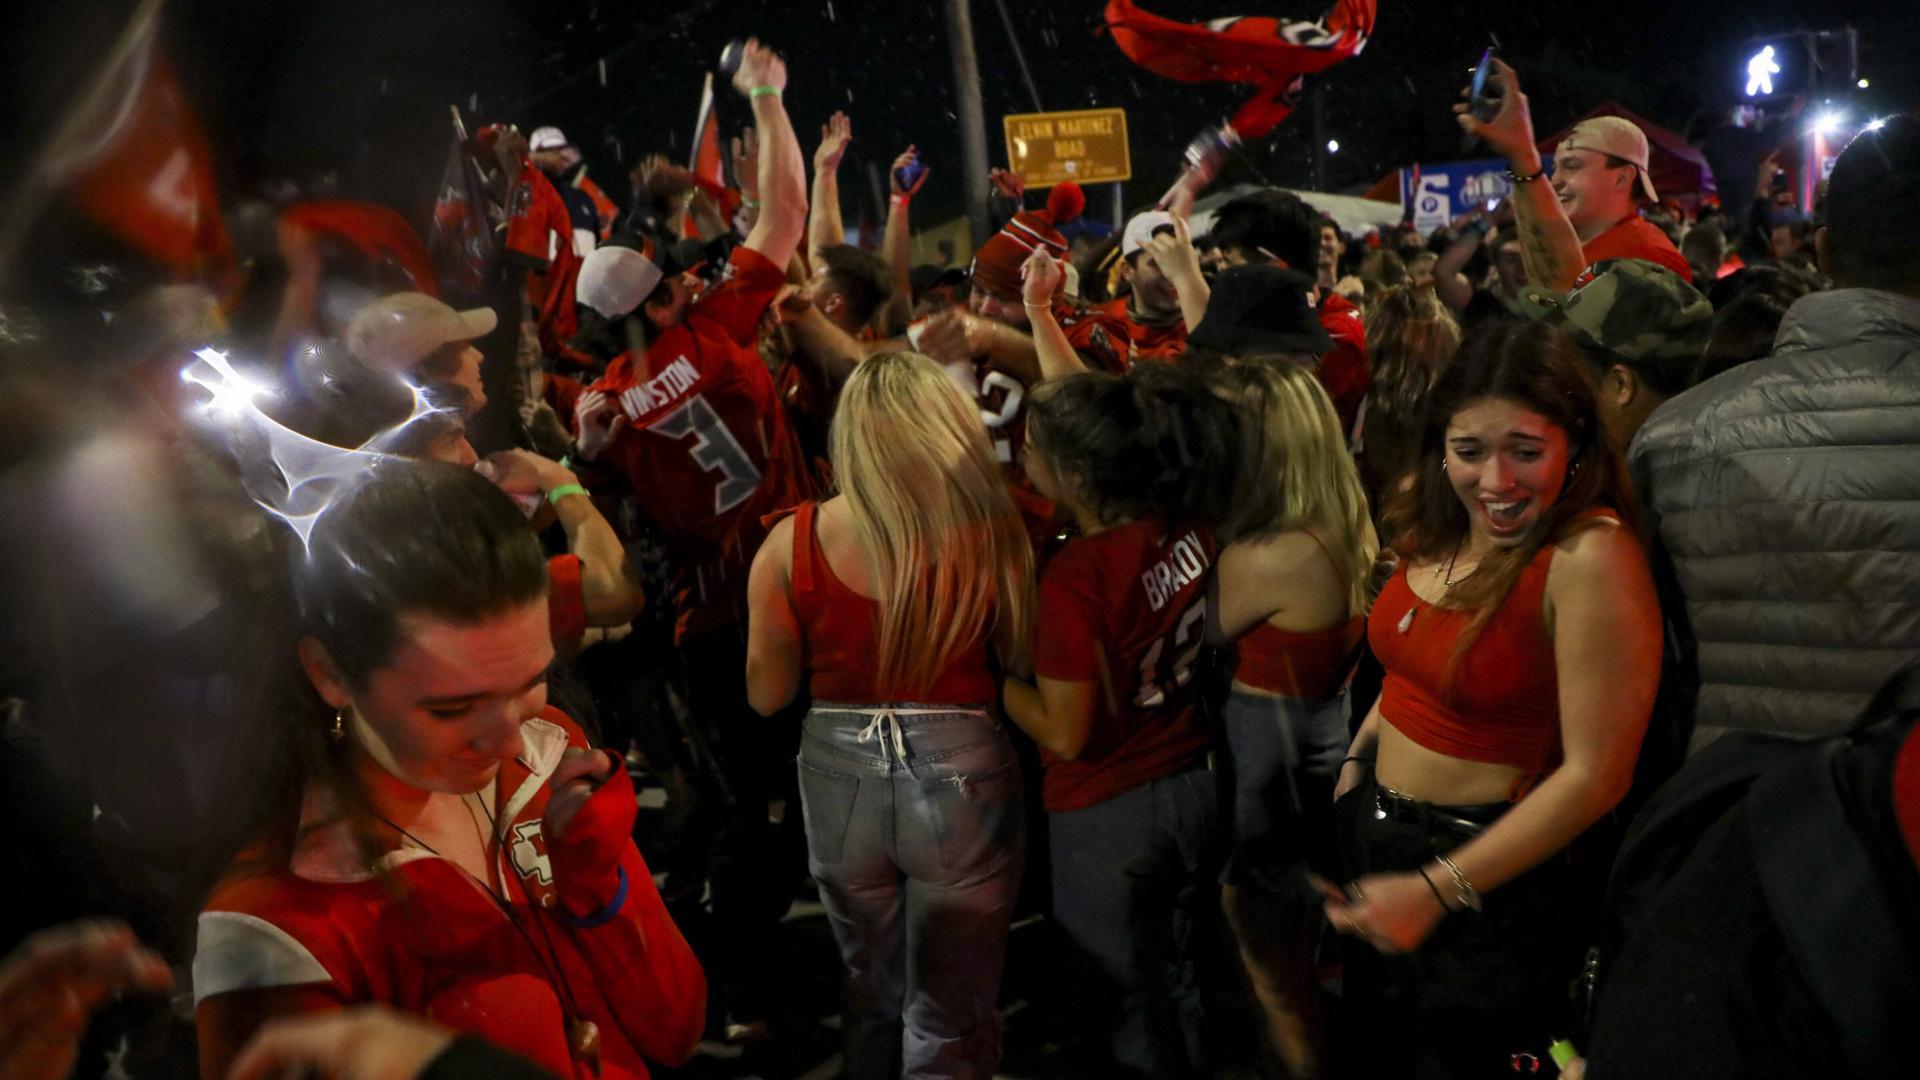 Tampa, Florida wurde gestern gefeiert, was das Zeug hält.